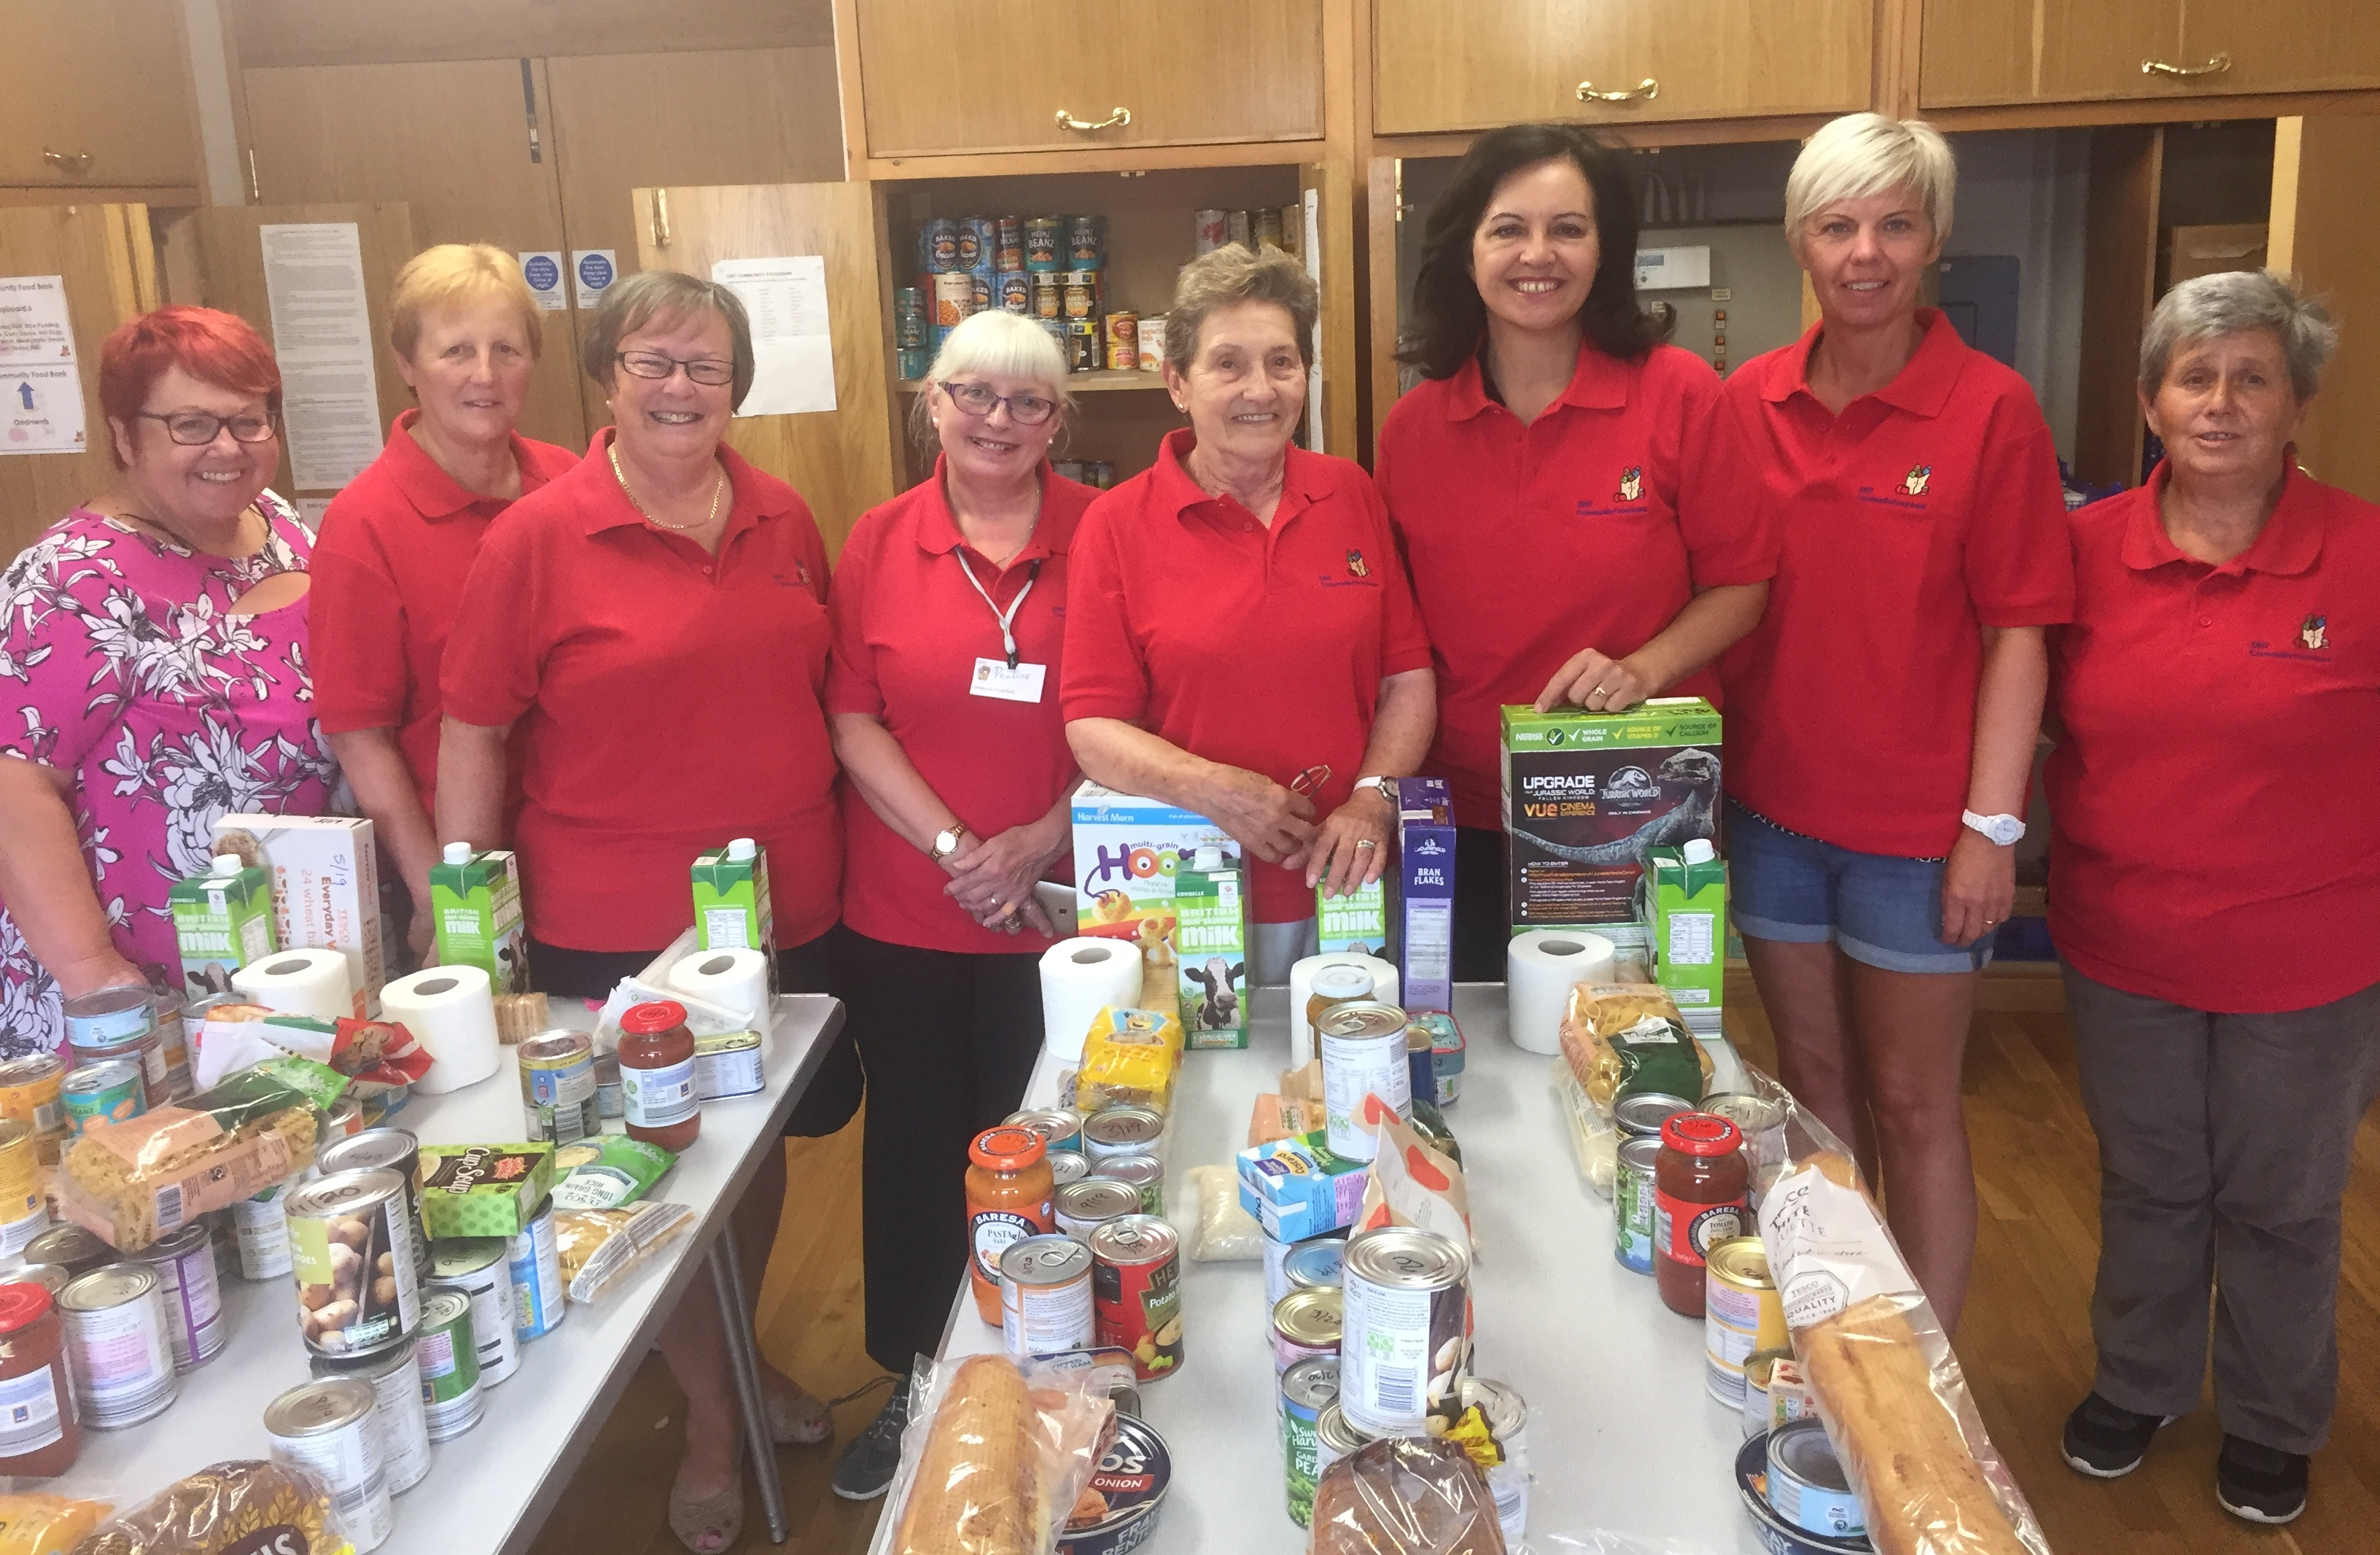 Here_to_help_-_Caroline_Flint_and_DN7_Cty_Foodbank_volunteers200718.JPG